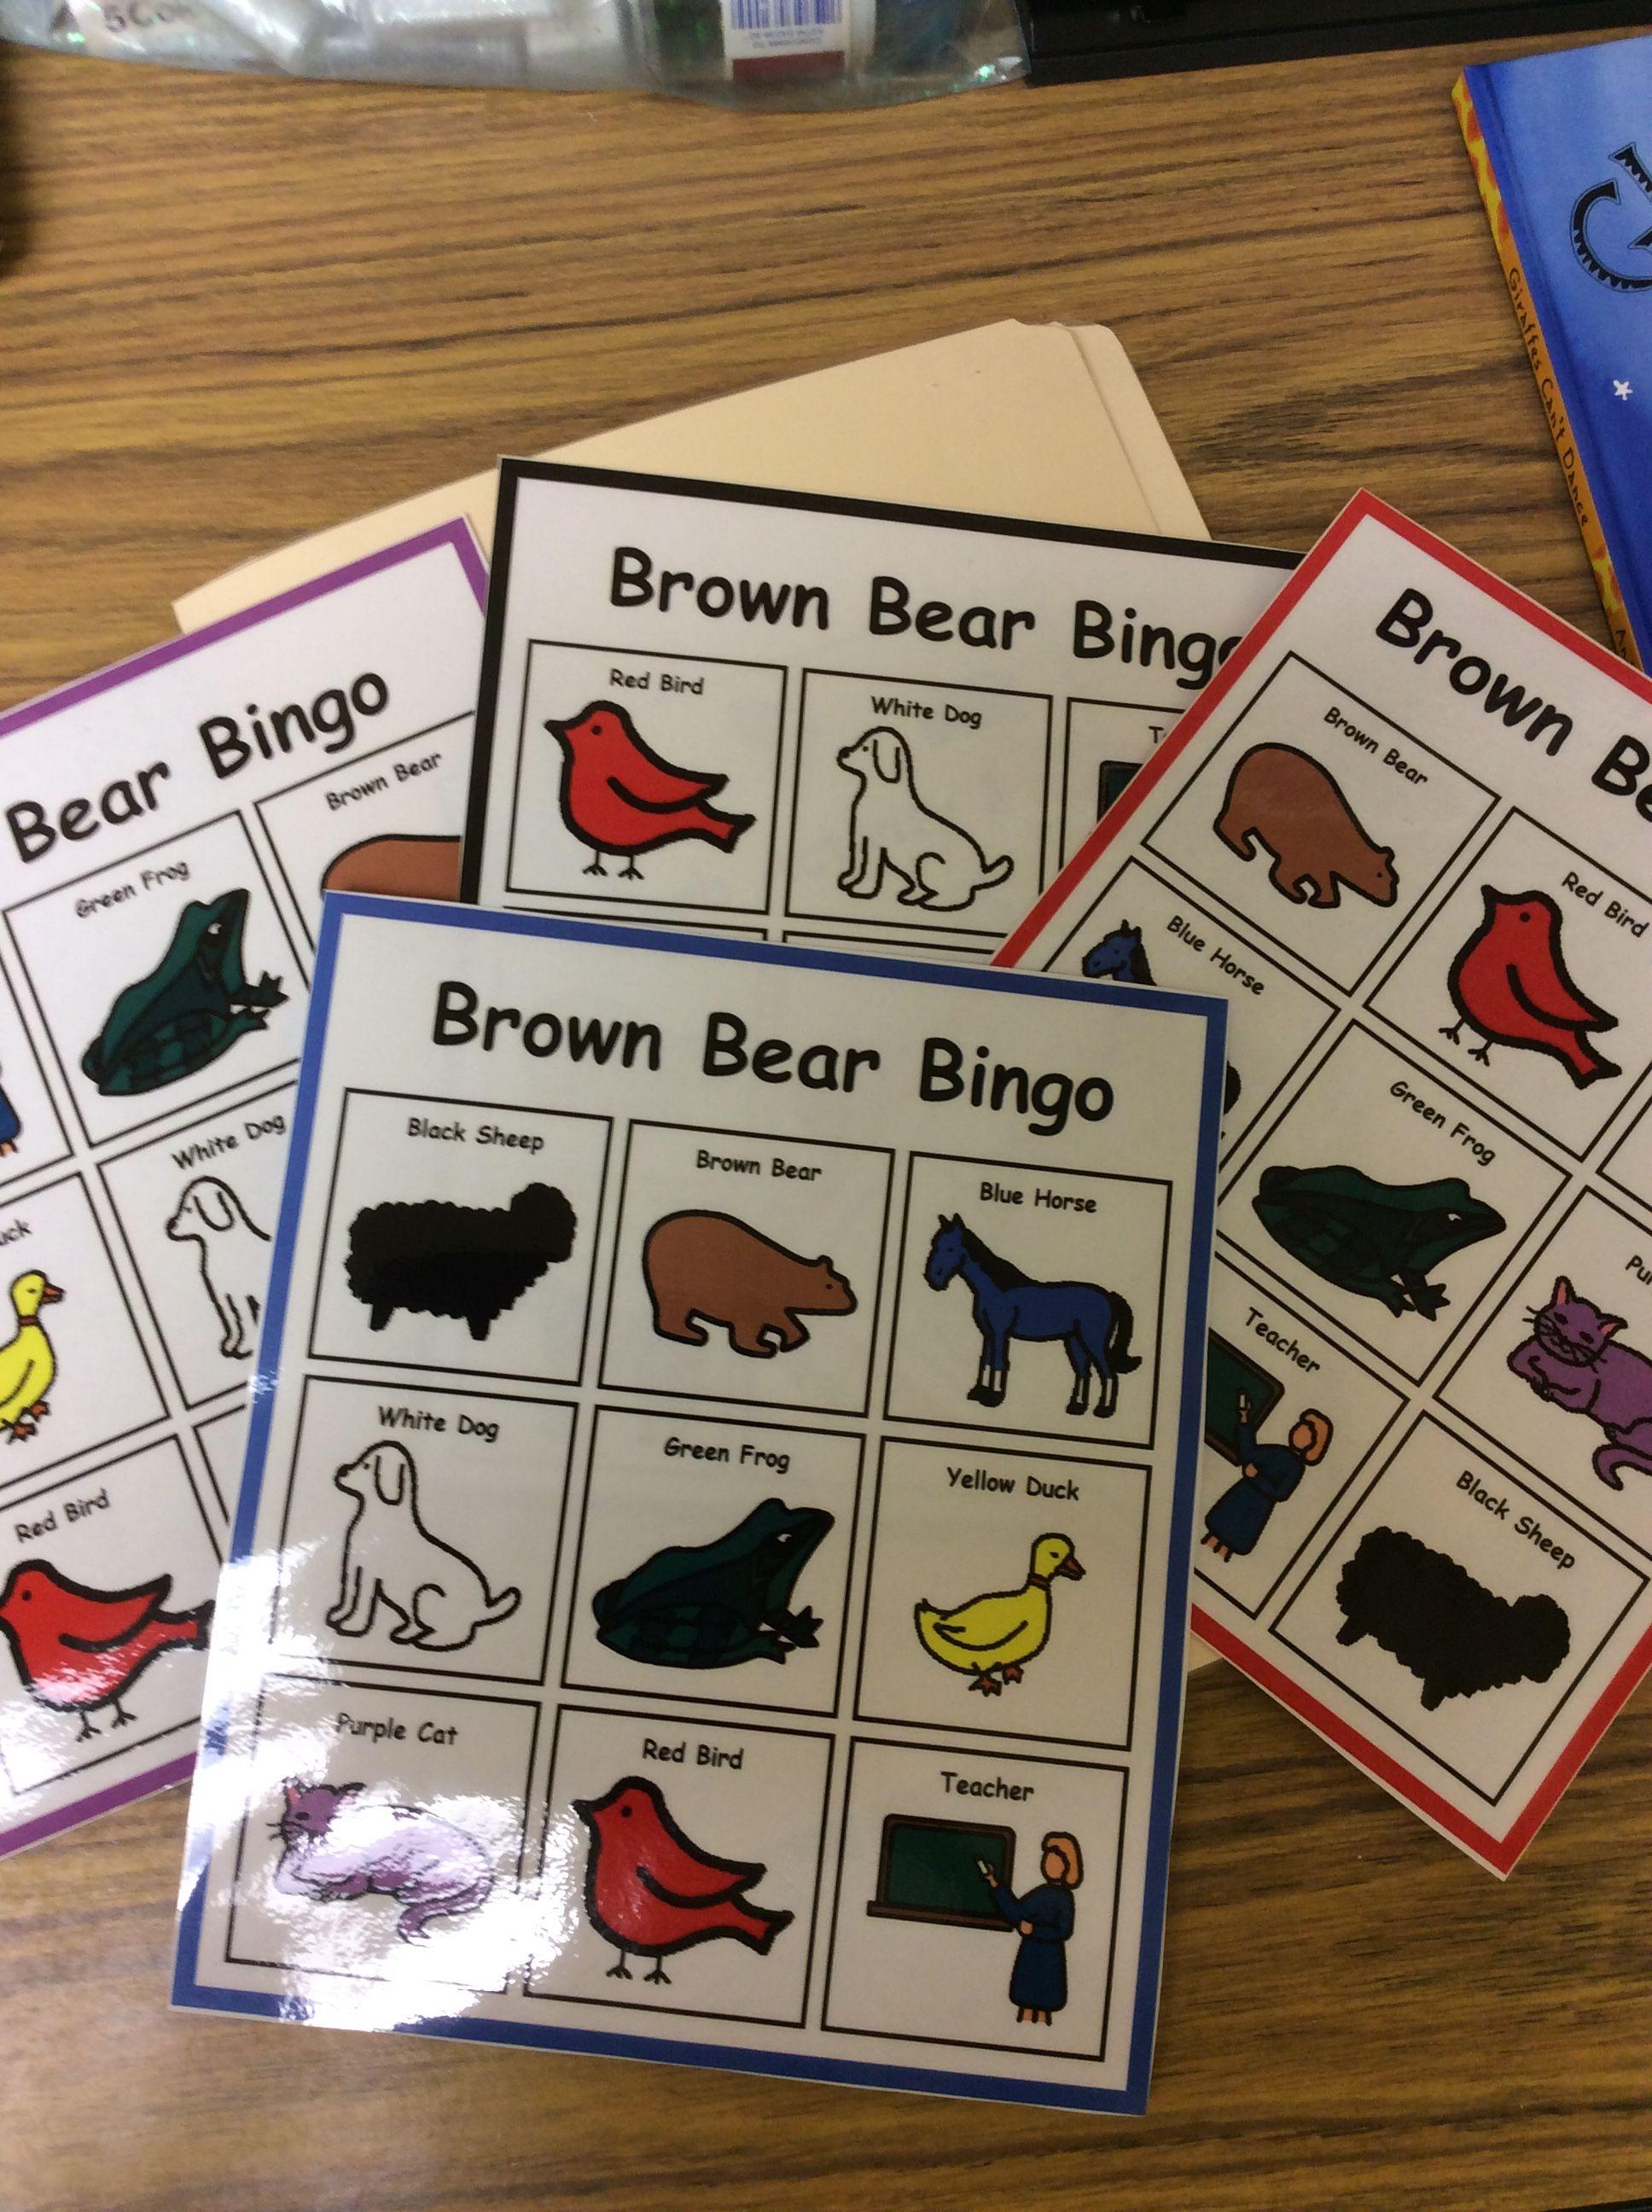 Brown Bear Bingo